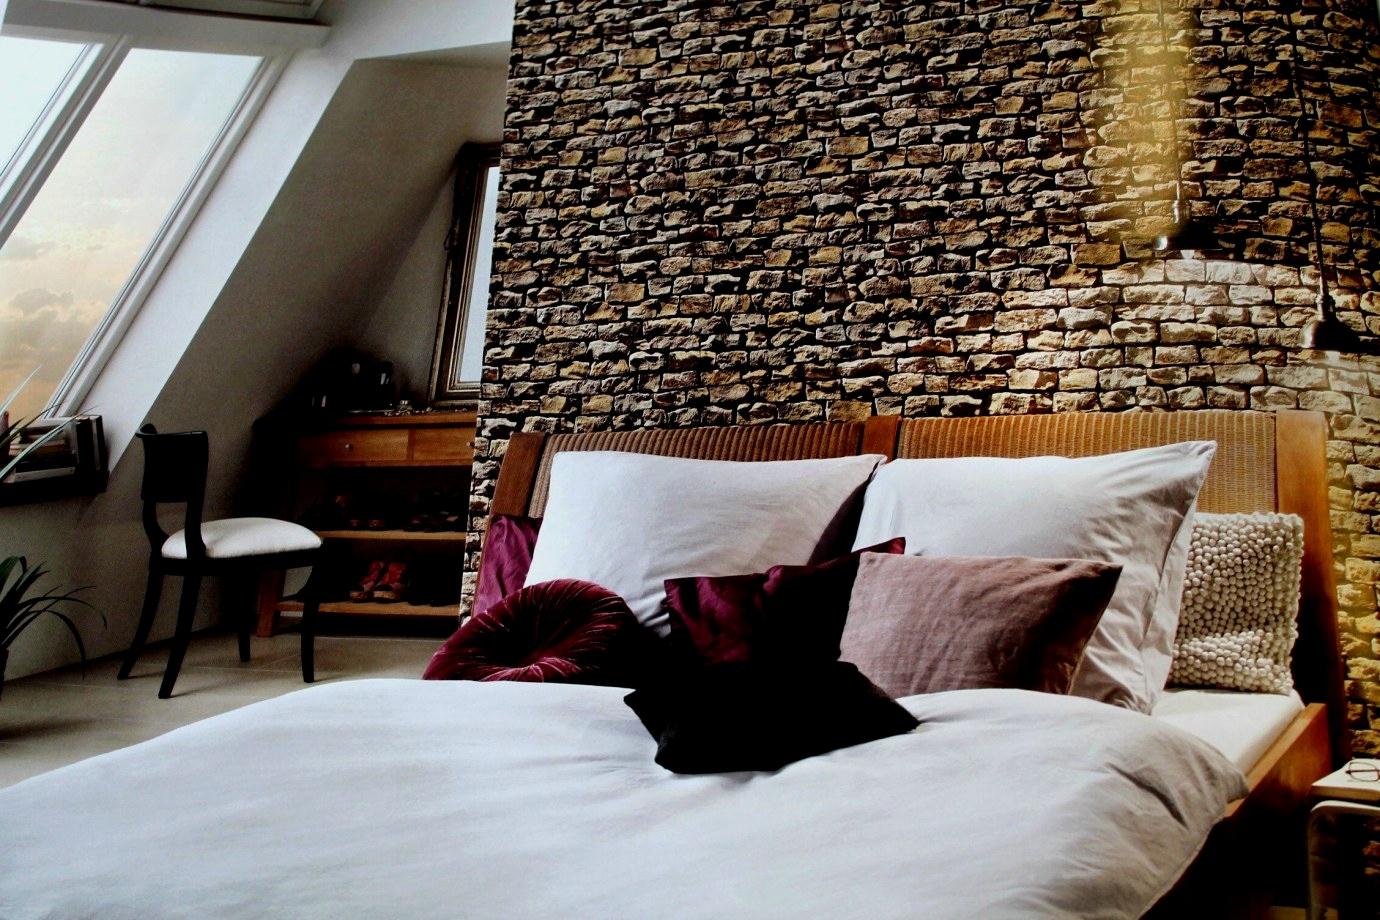 Full Size of Tapeten Ideen 14 Schn Fotografie Von Schlafzimmer Tapete Grau Für Küche Die Fototapeten Wohnzimmer Bad Renovieren Wohnzimmer Tapeten Ideen